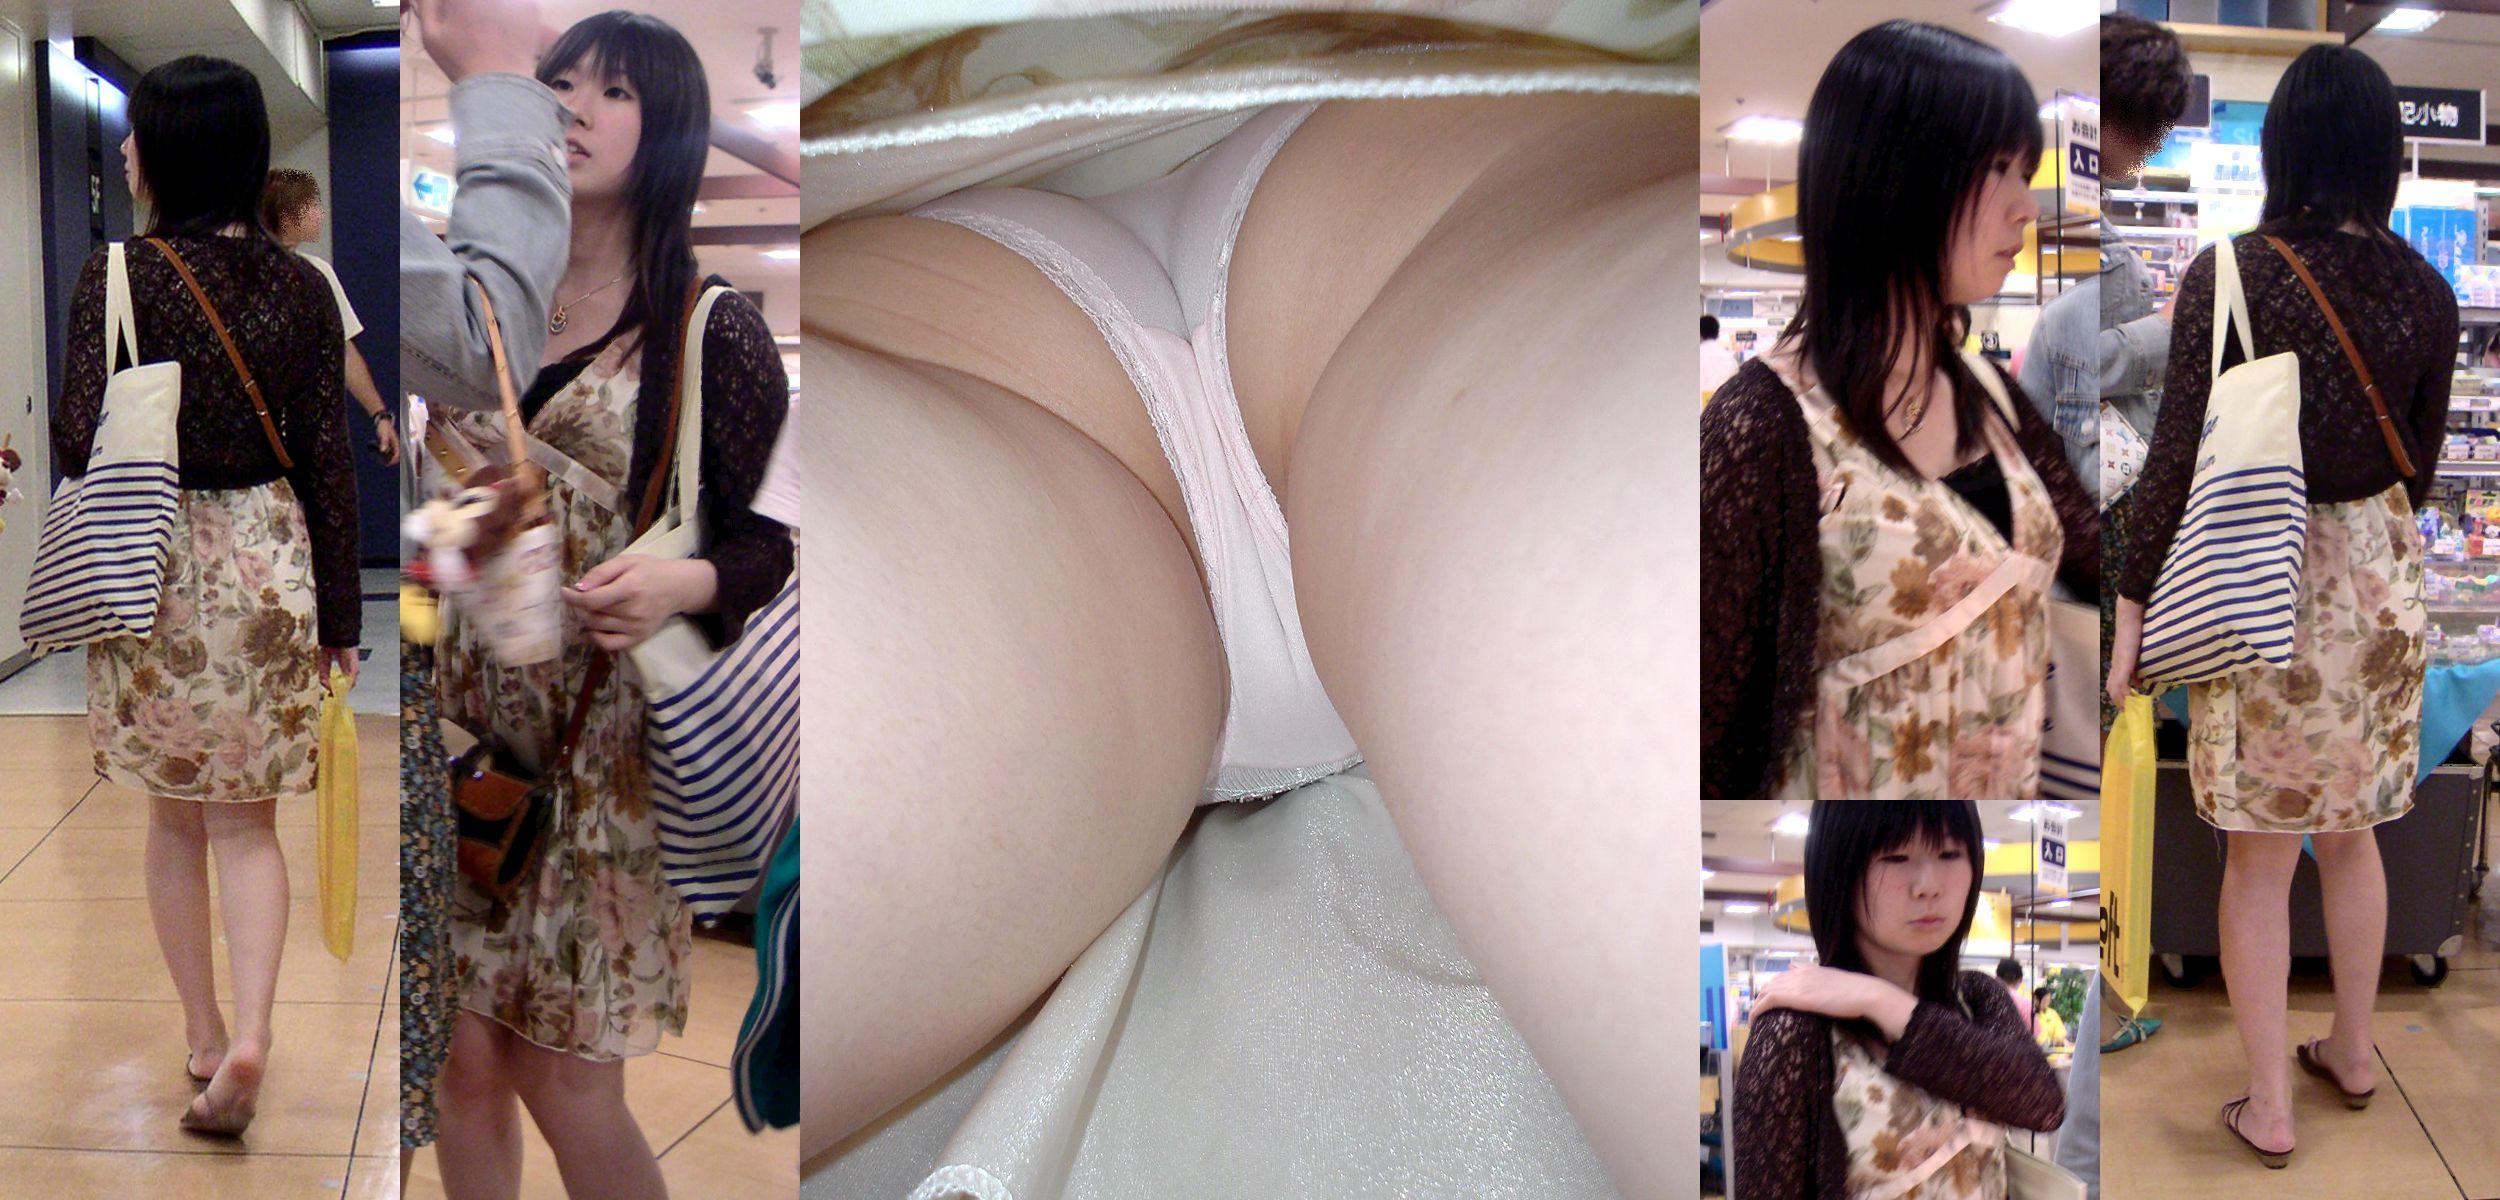 【逆さ撮り】素人さん達の鮮明なパンツを撮影したエロ画像